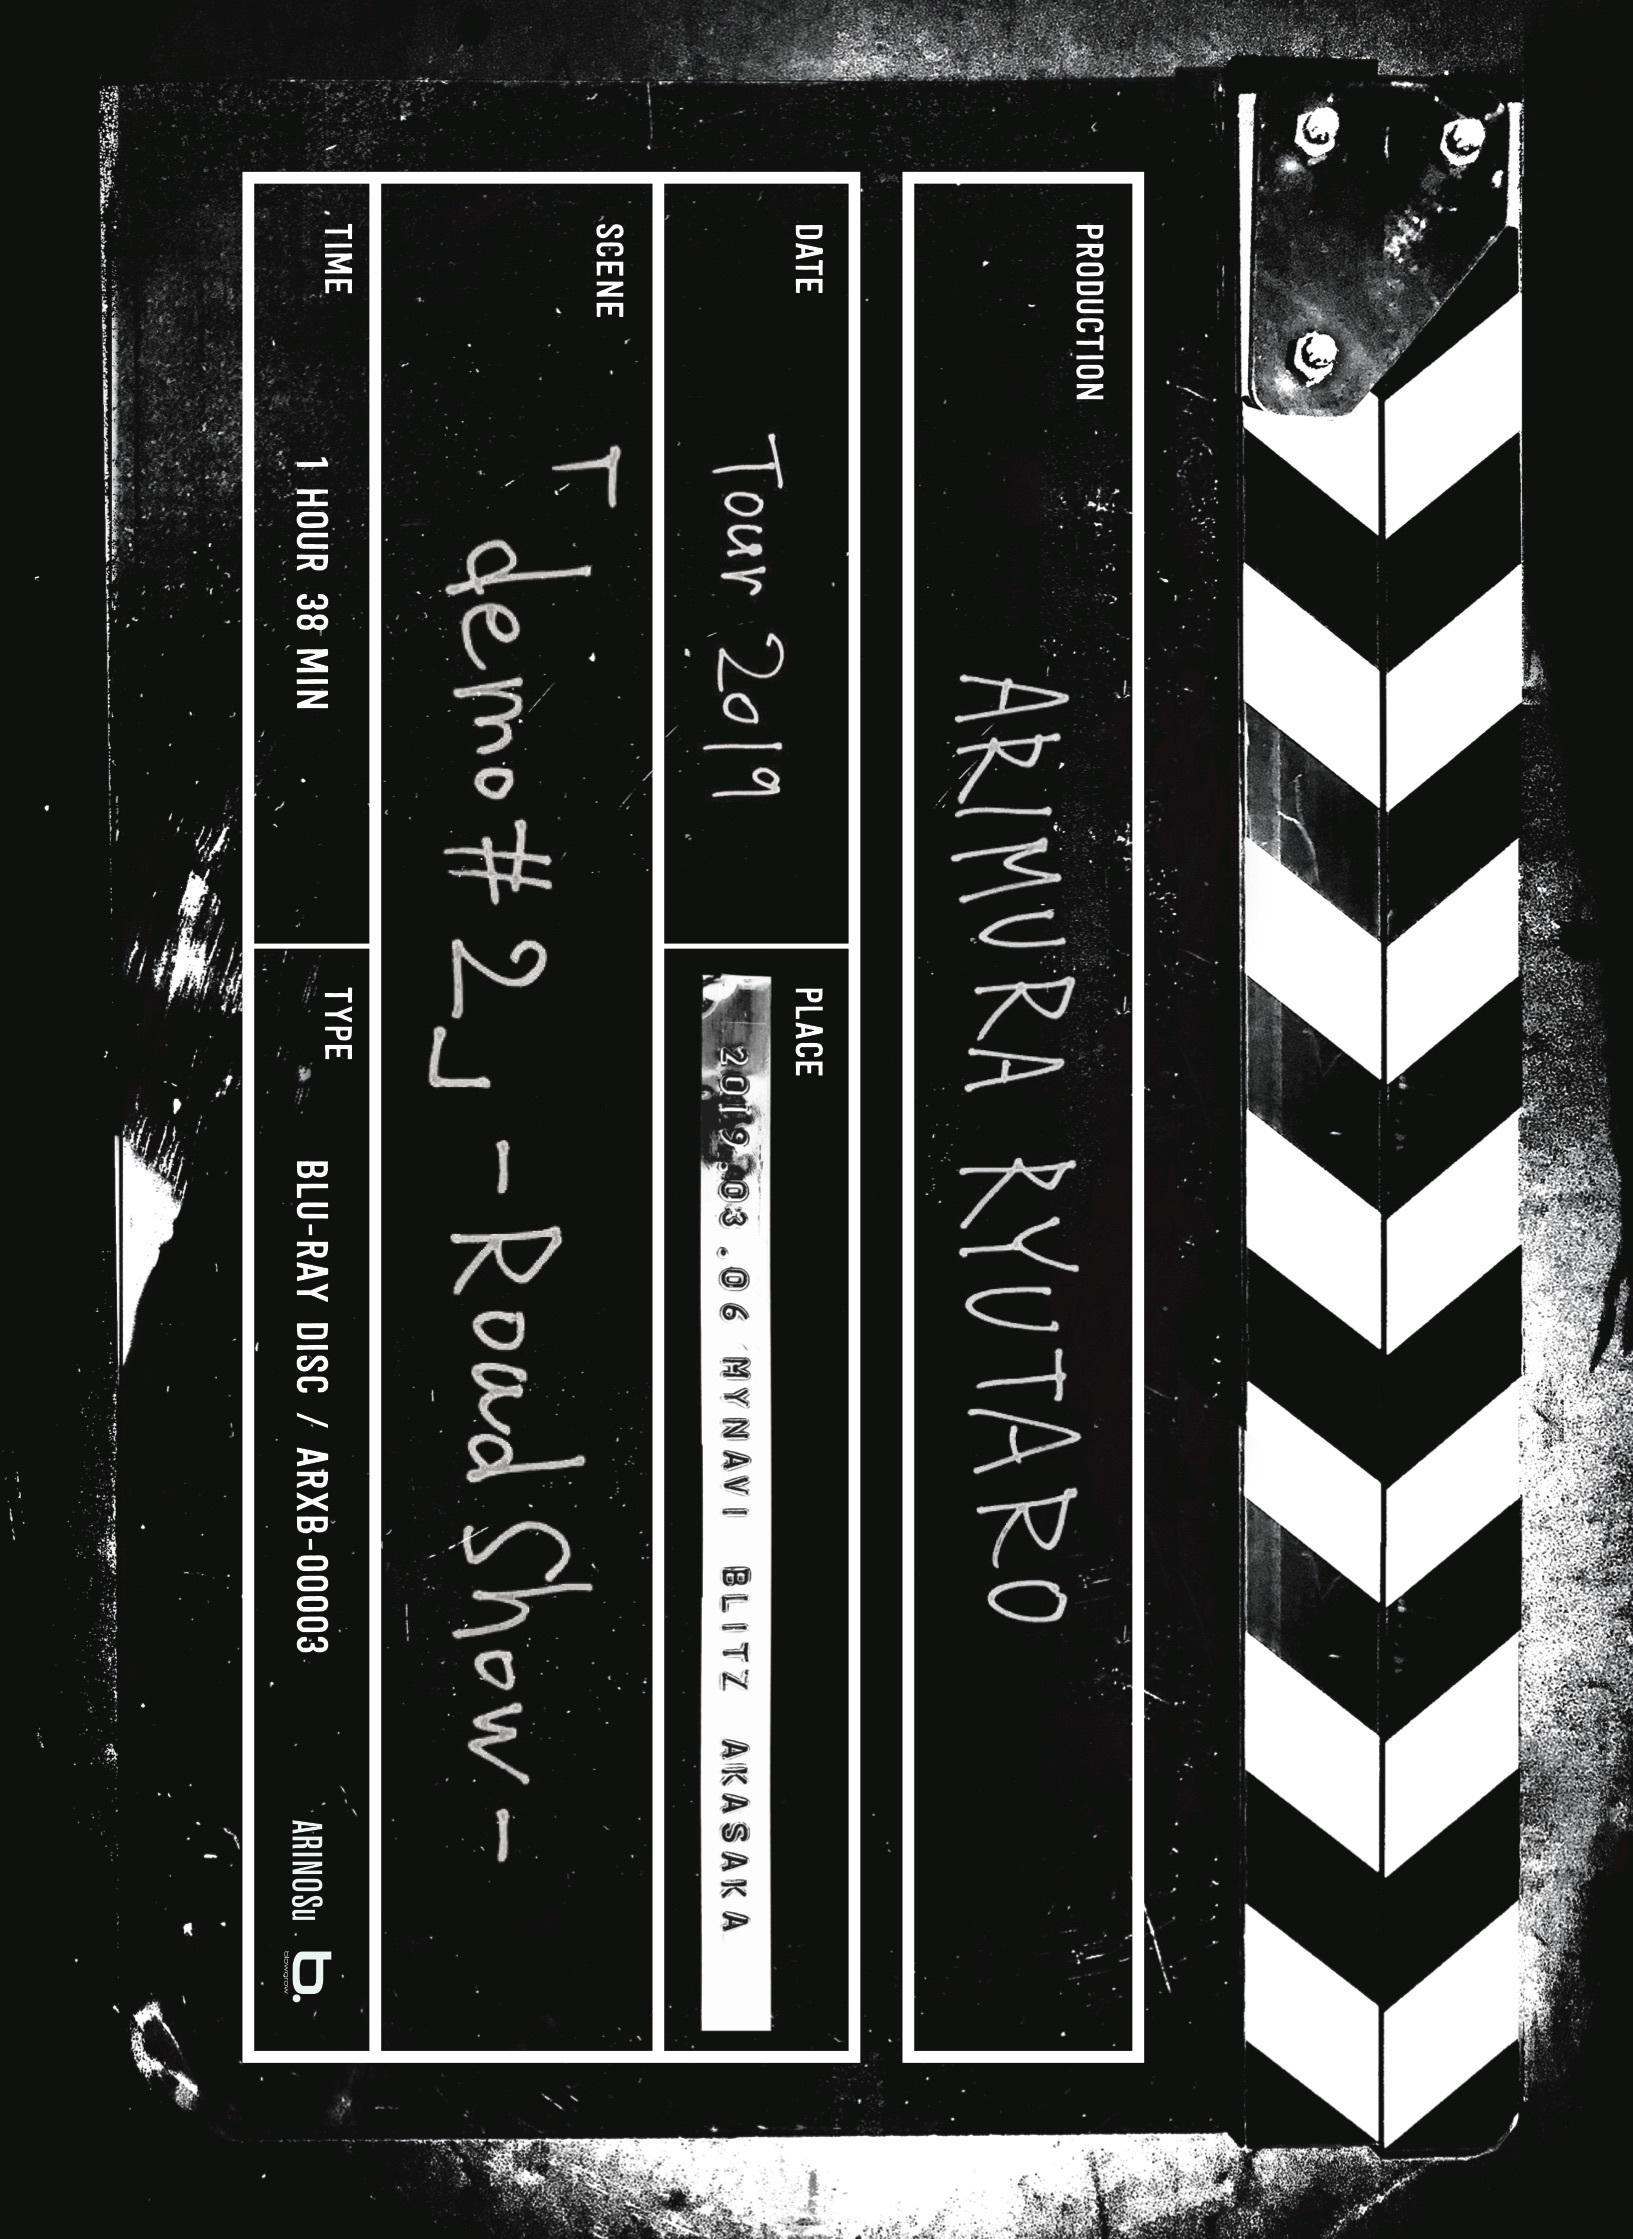 有村竜太朗 TOUR2019 「デも/demo #2」-Road Show- 初回限定盤 (web受注限定)